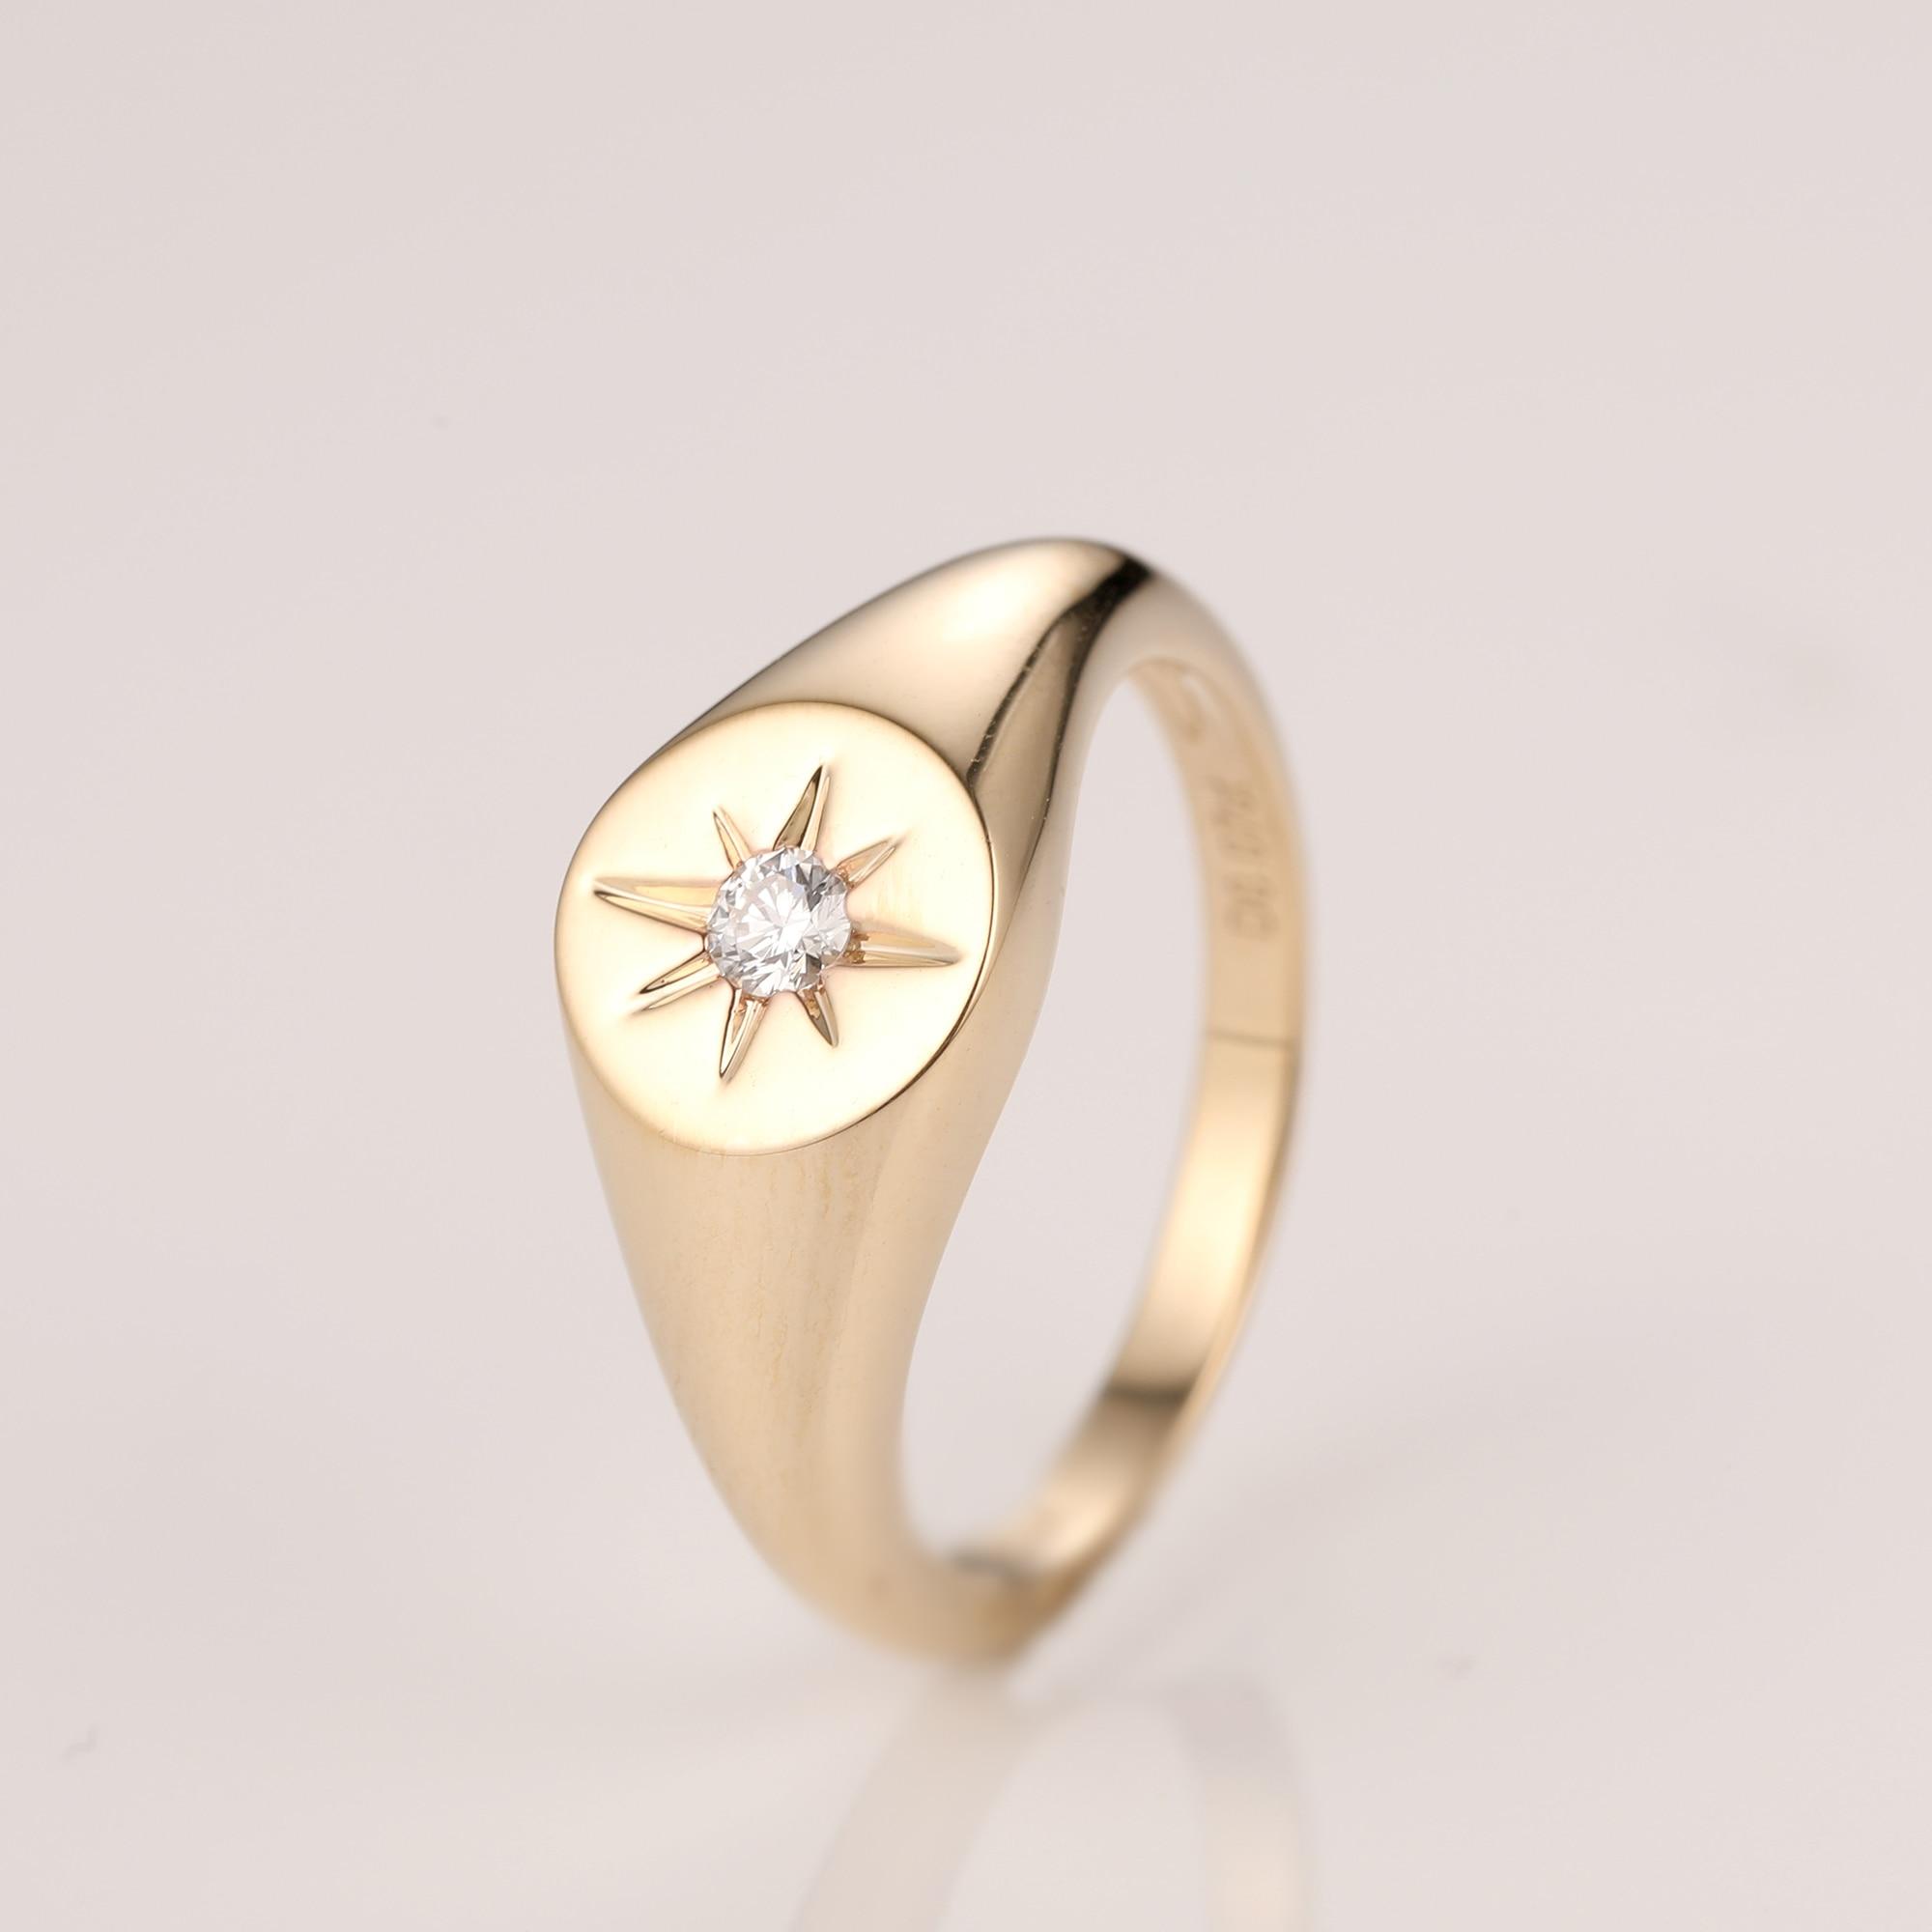 LASAMERO, Круглый Пасьянс, 0.07CT, с натуральным бриллиантом, 14k, золото, рок, панковские этнические кольца, перстень, мужское кольцо